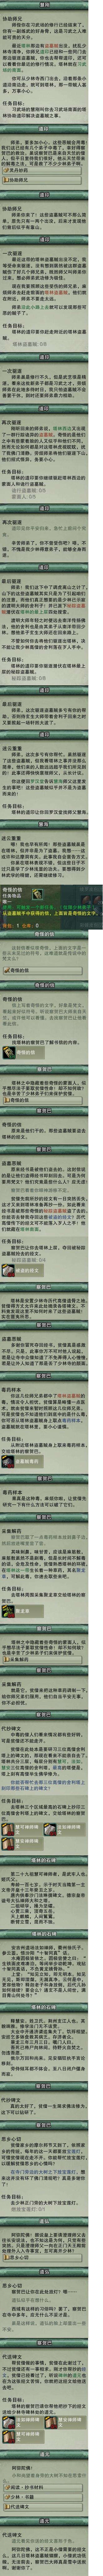 主线任务03 - 碑林 - 察贺巴.jpg